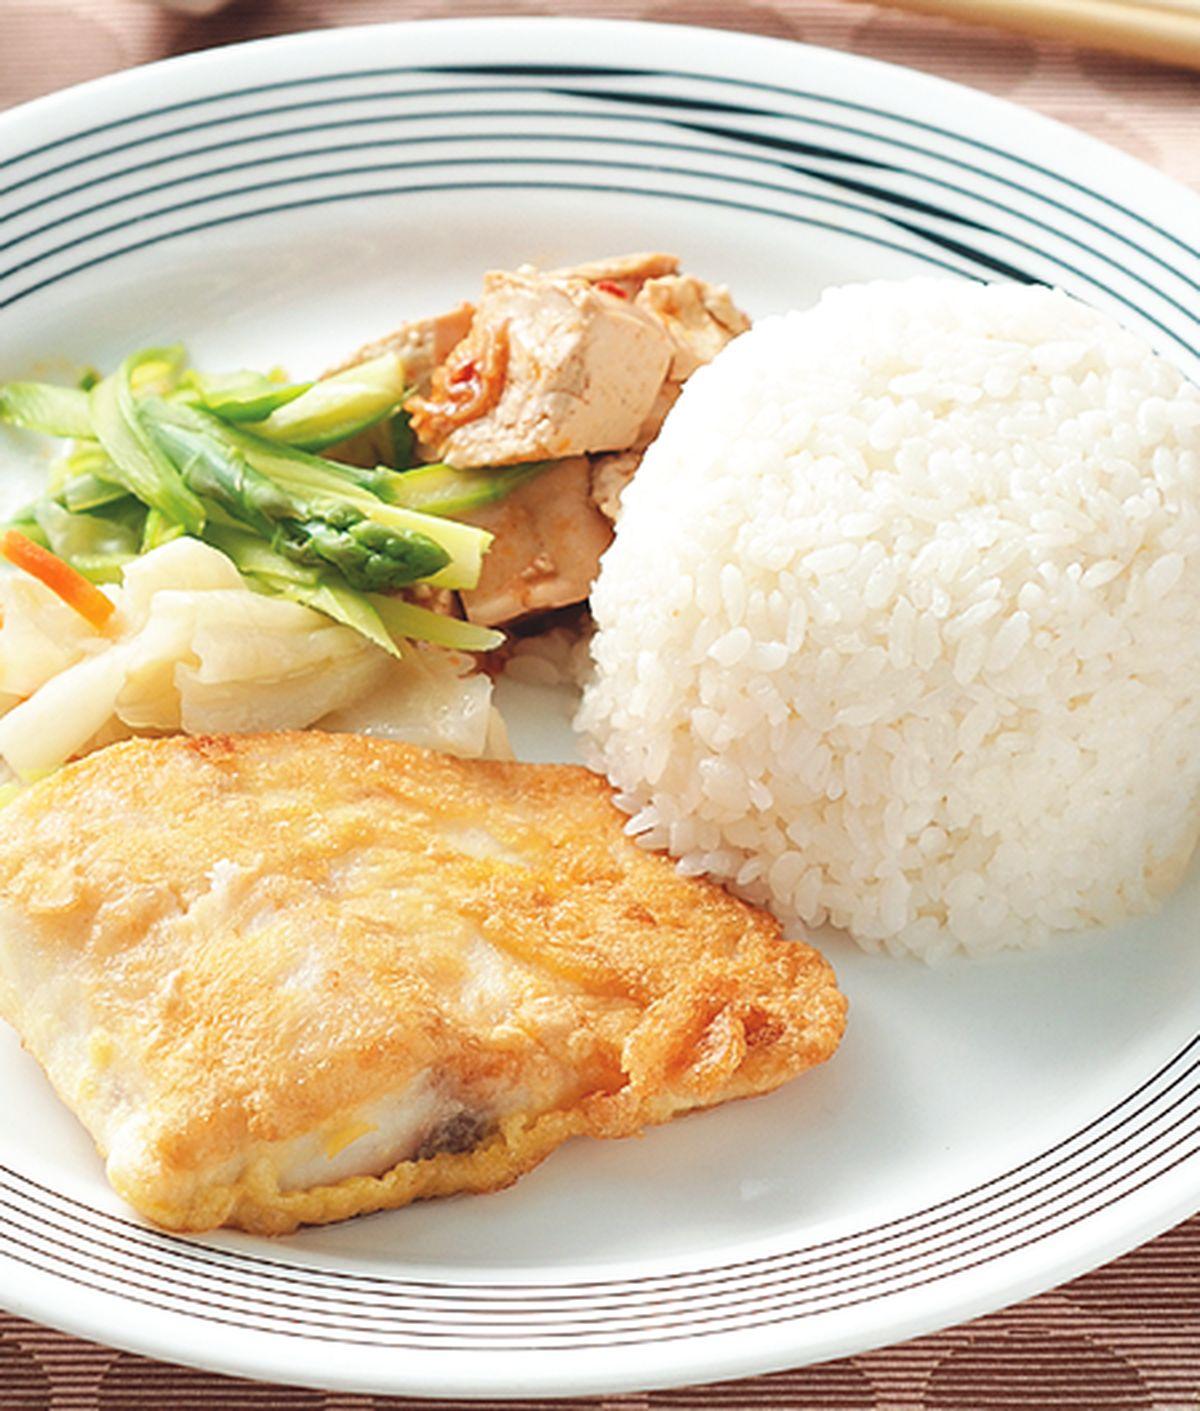 食譜:乾煎魚排飯